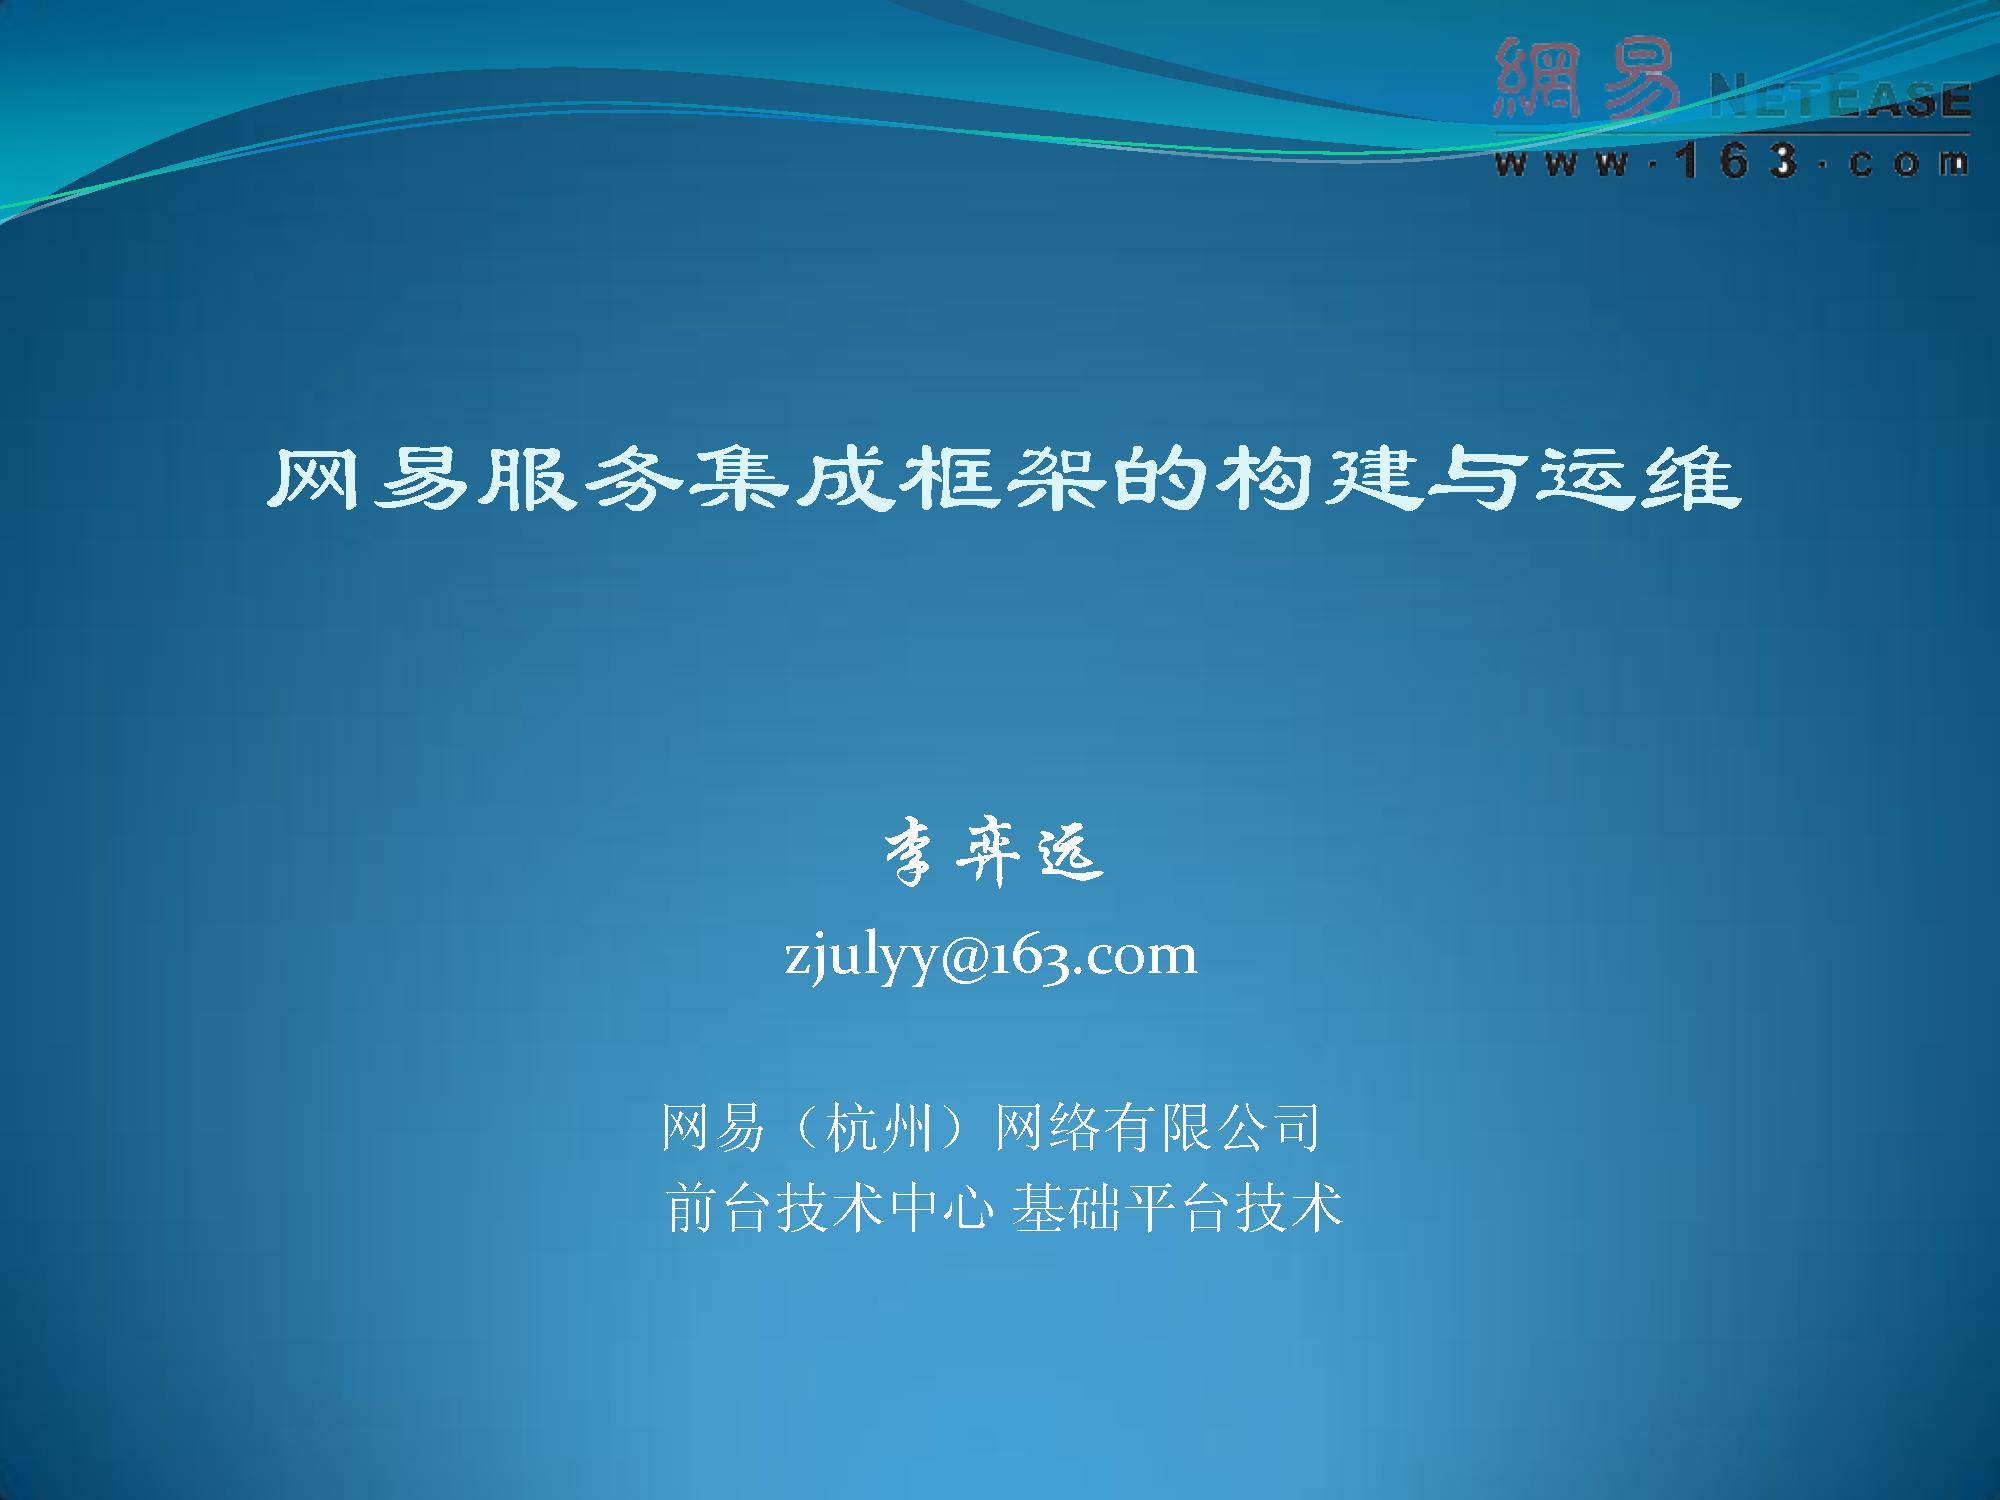 李弈远-网易服务集成框架的构建与运维